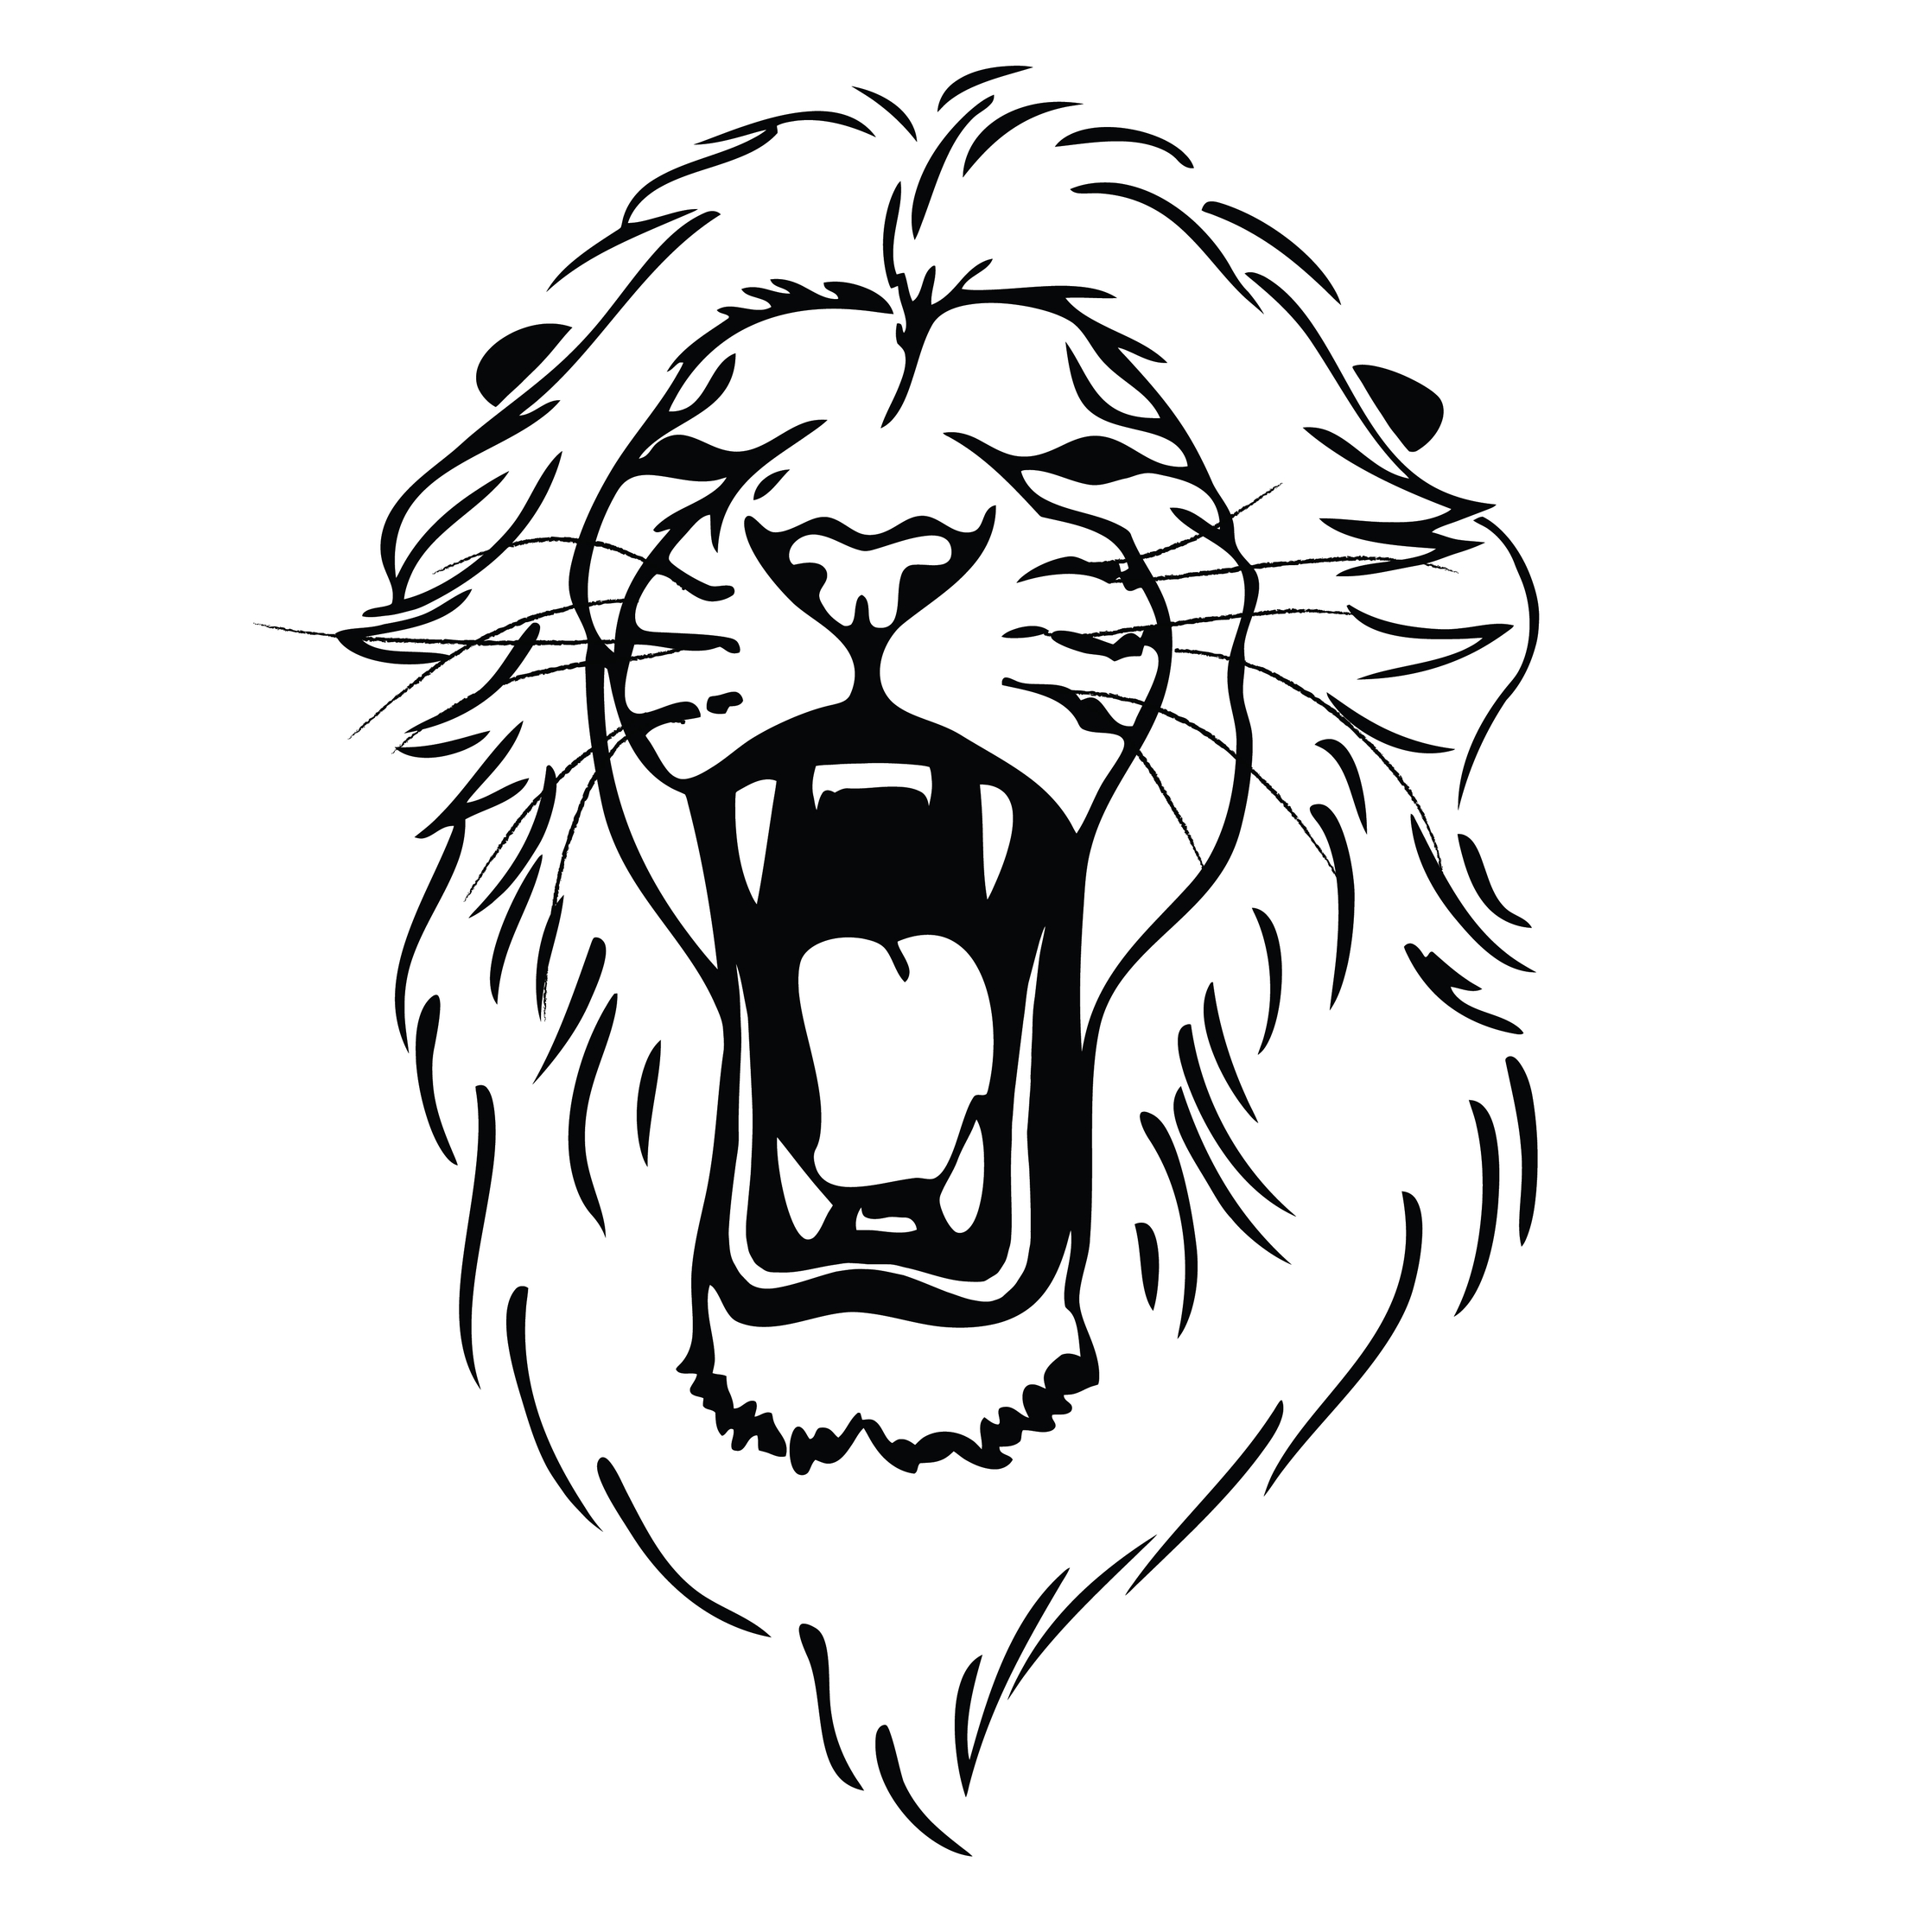 2236x2236 Lion Roaring Drawing Clipart Panda